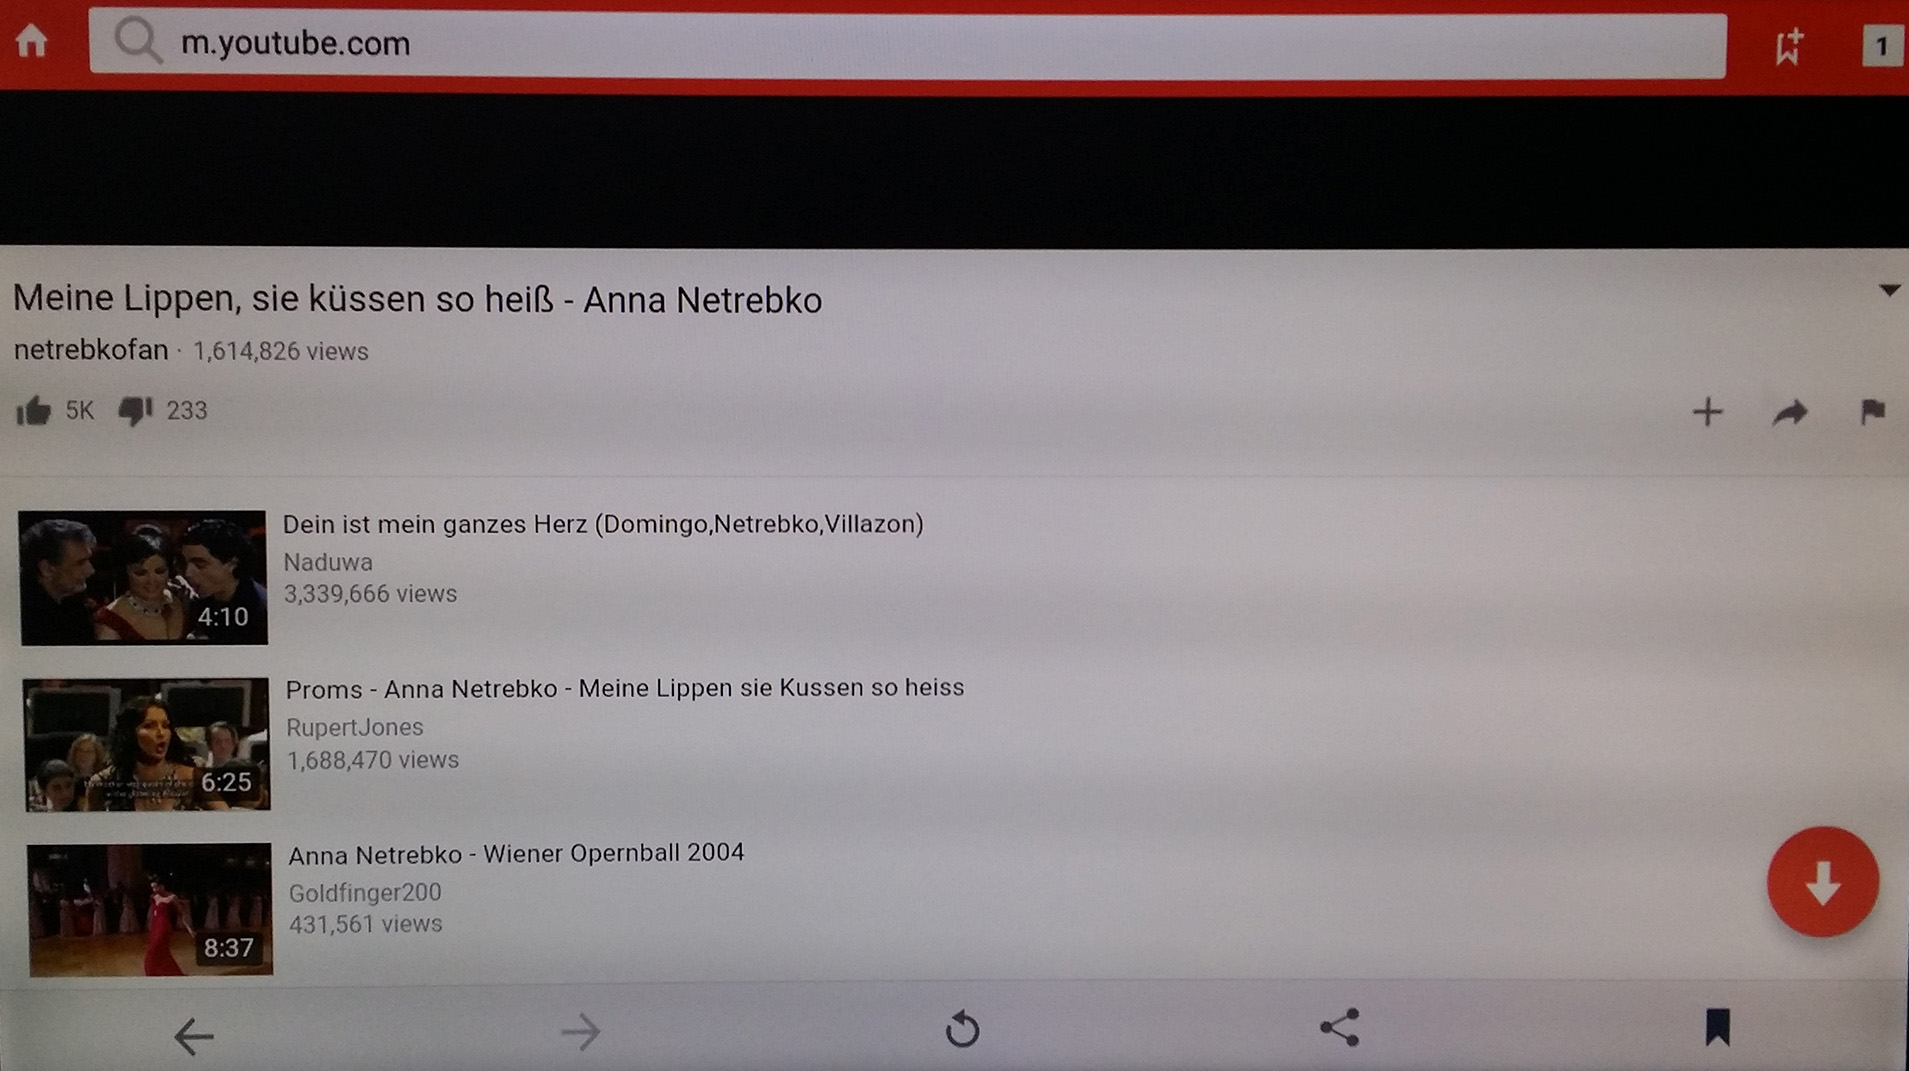 es file explorer download youtube